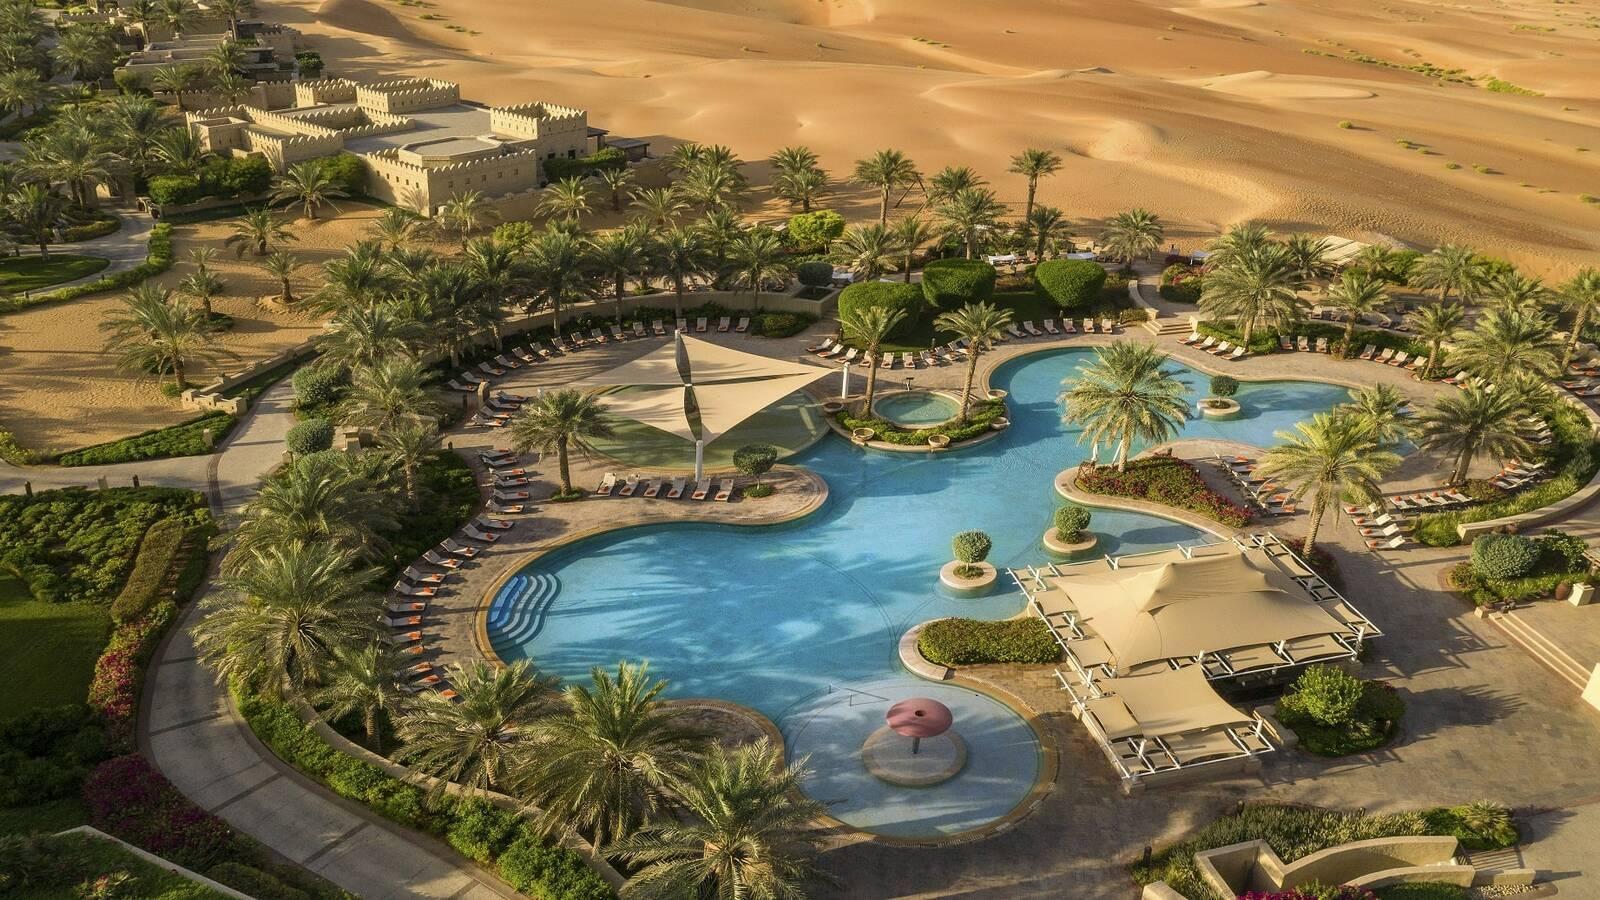 Abu Dhabi Anantara Qasr al Sarab Desert Piscine